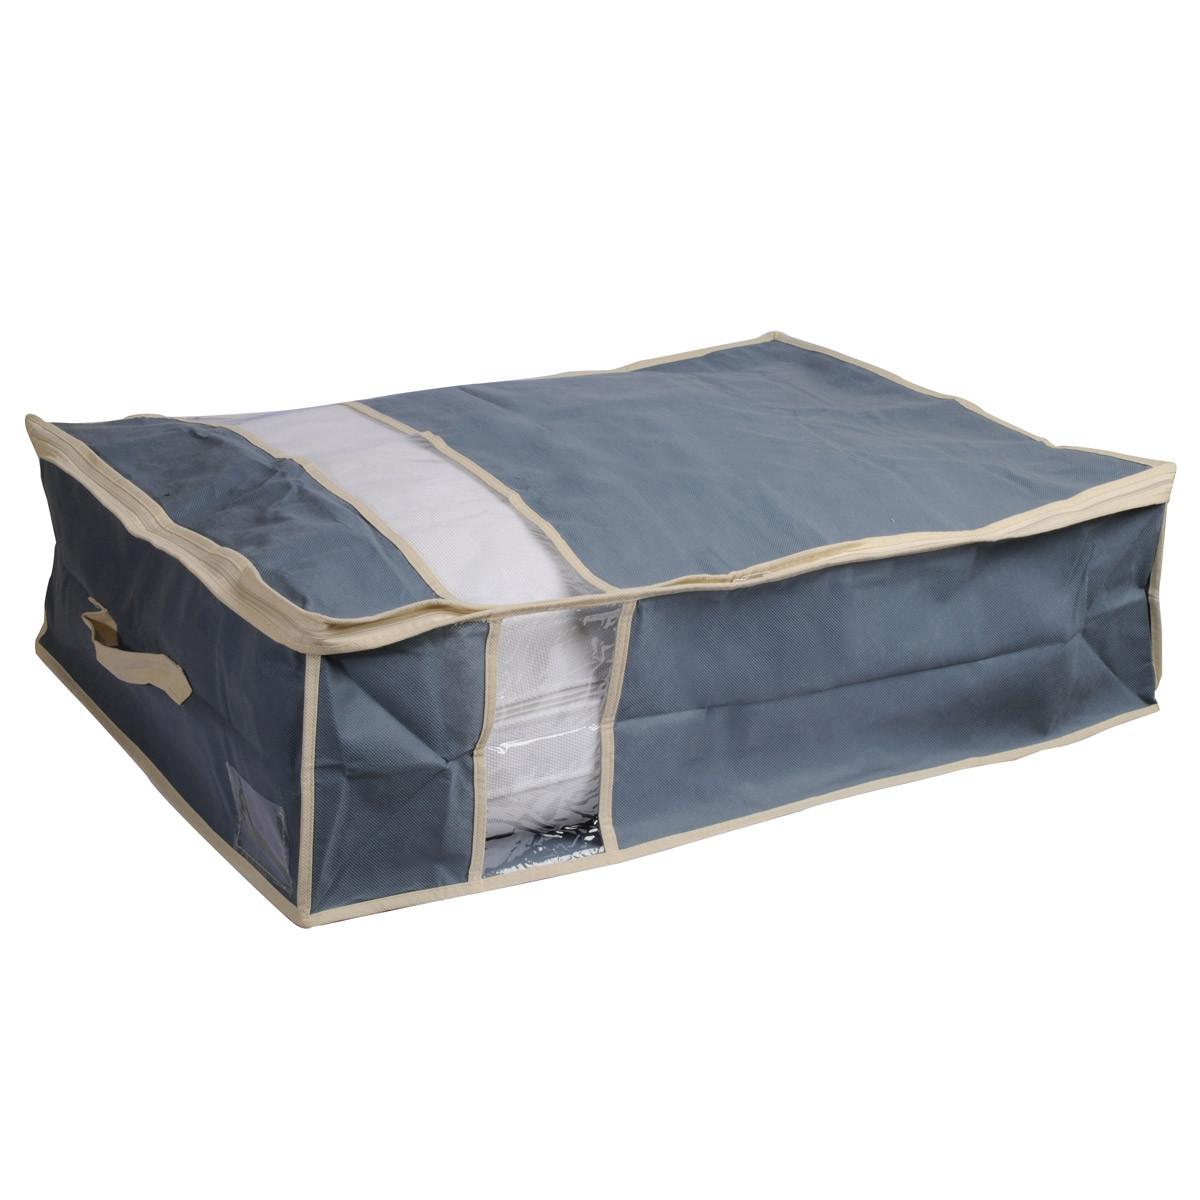 Θήκη Φύλαξης (50x70x20) εstia 03-3456 Grey home   κρεβατοκάμαρα   οργάνωση ντουλάπας